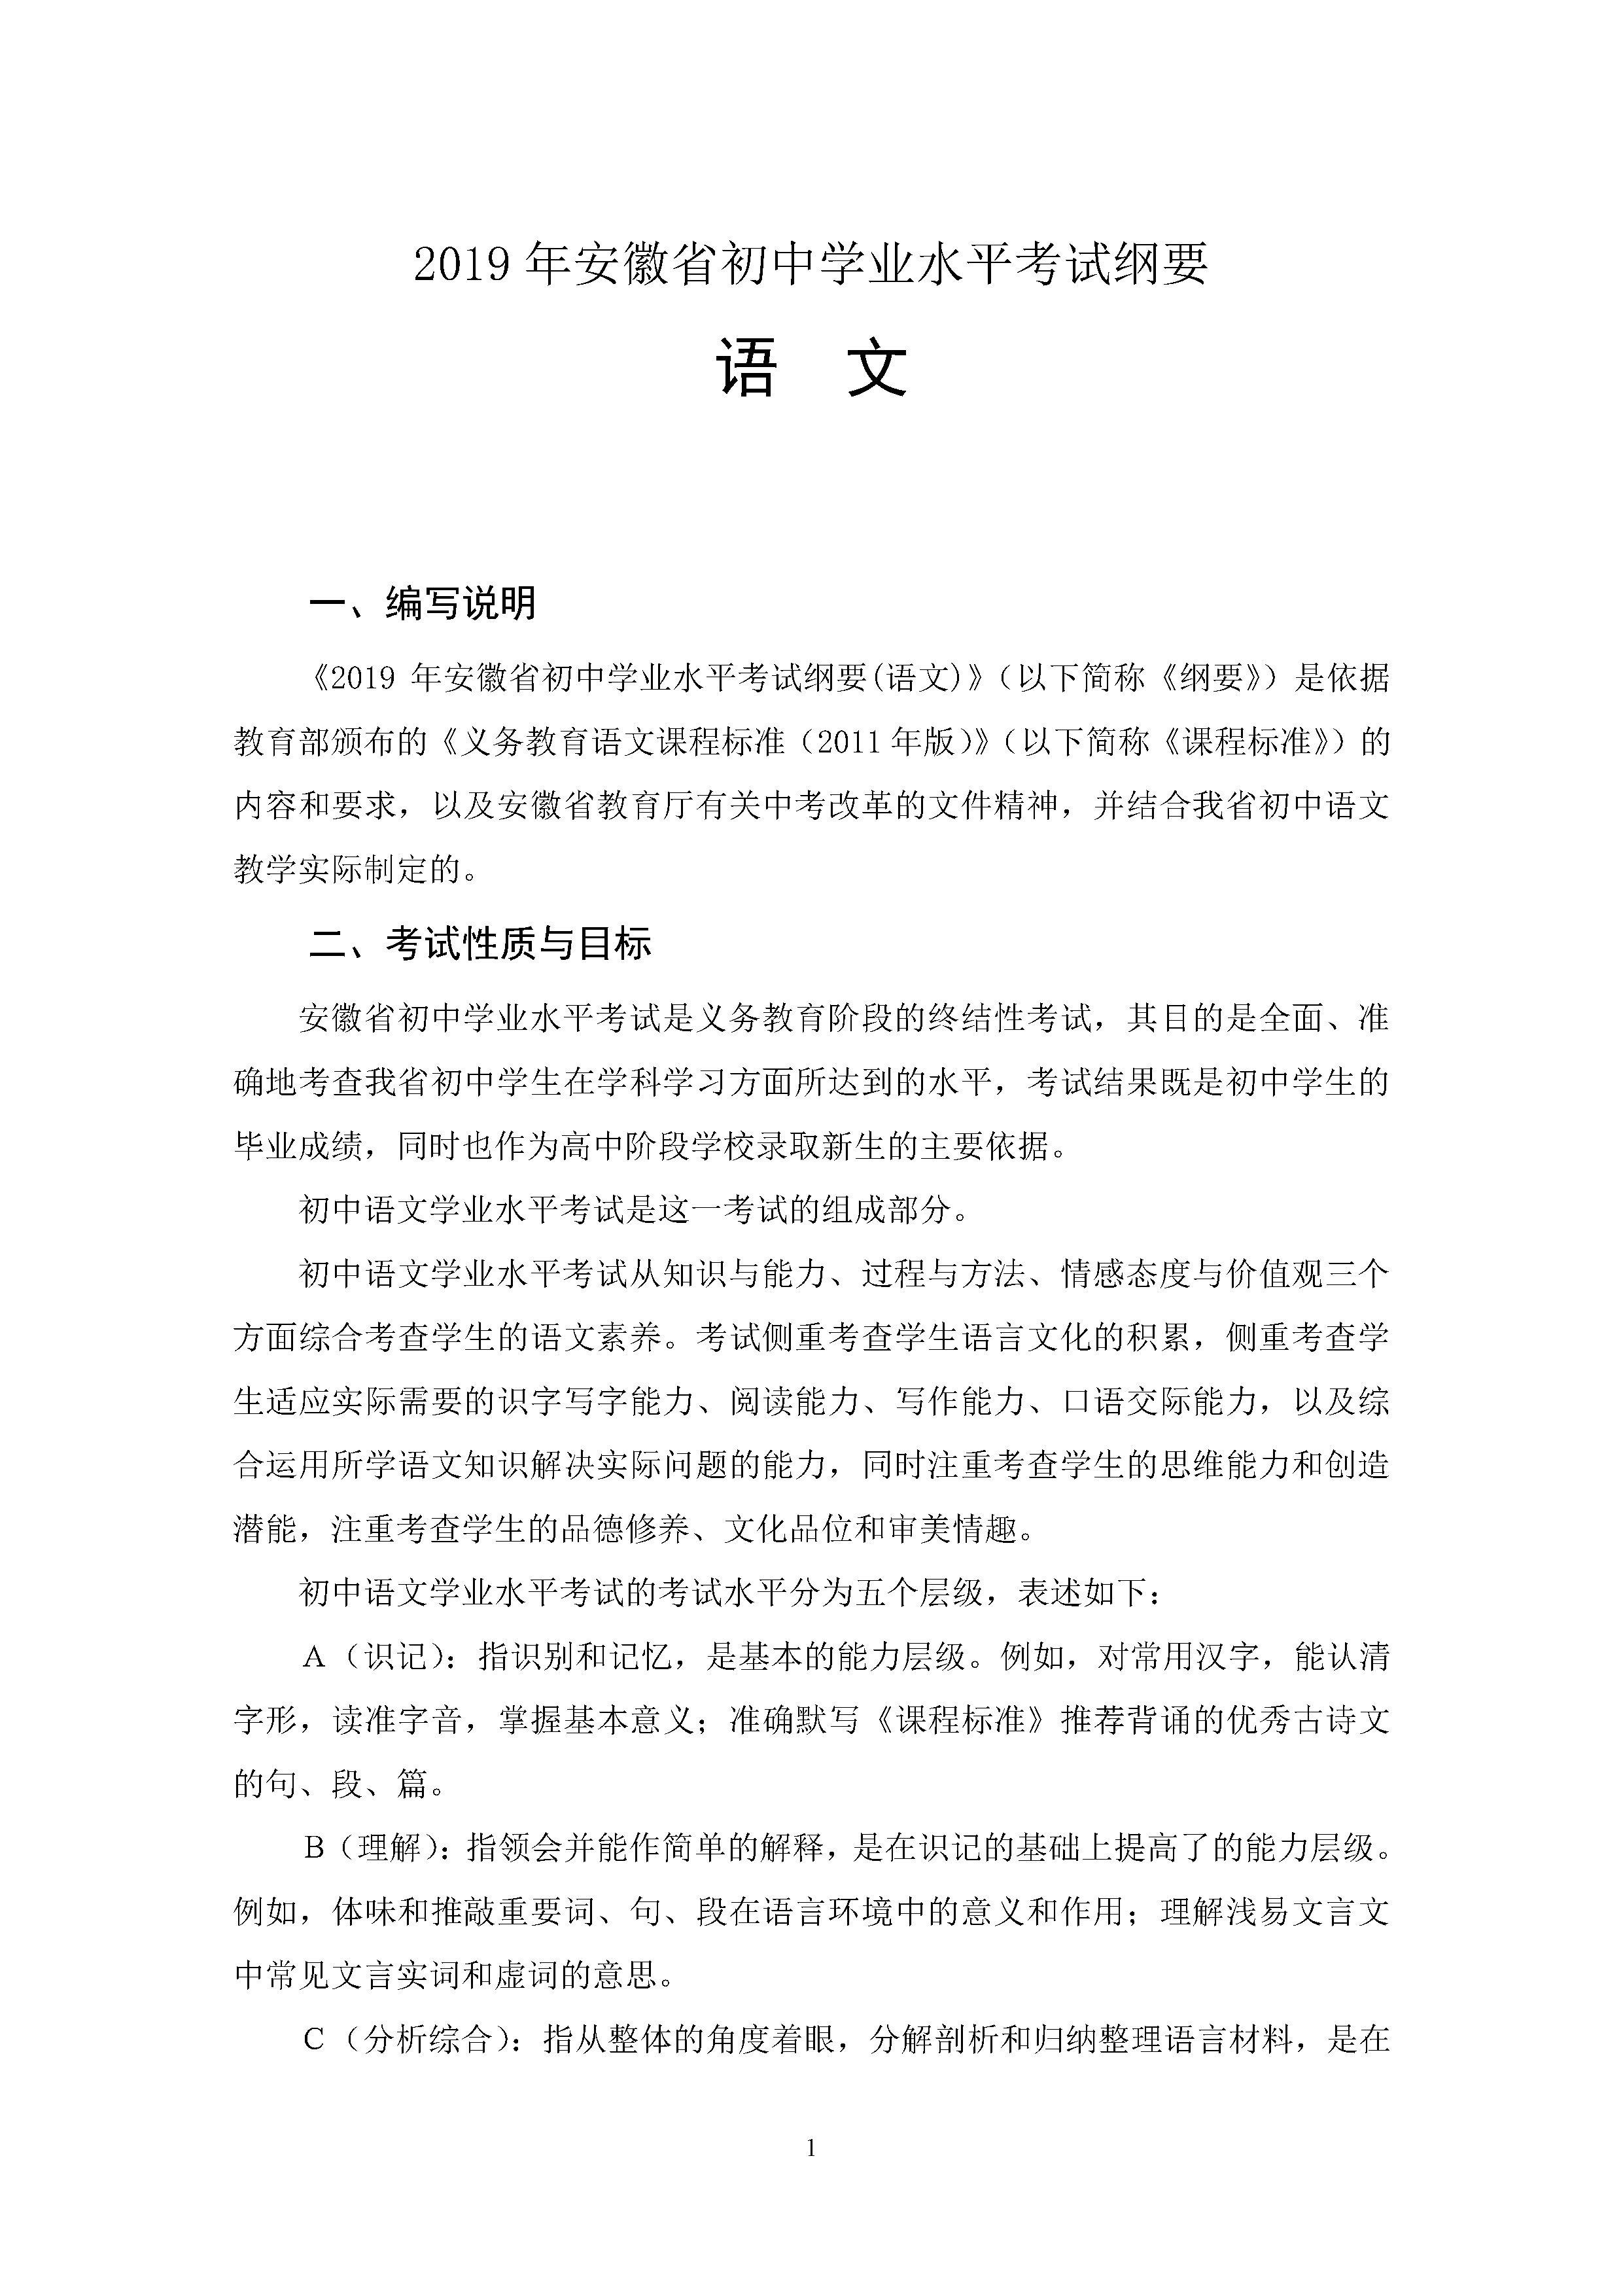 2019安徽中考语文考试说明变化及试卷结构